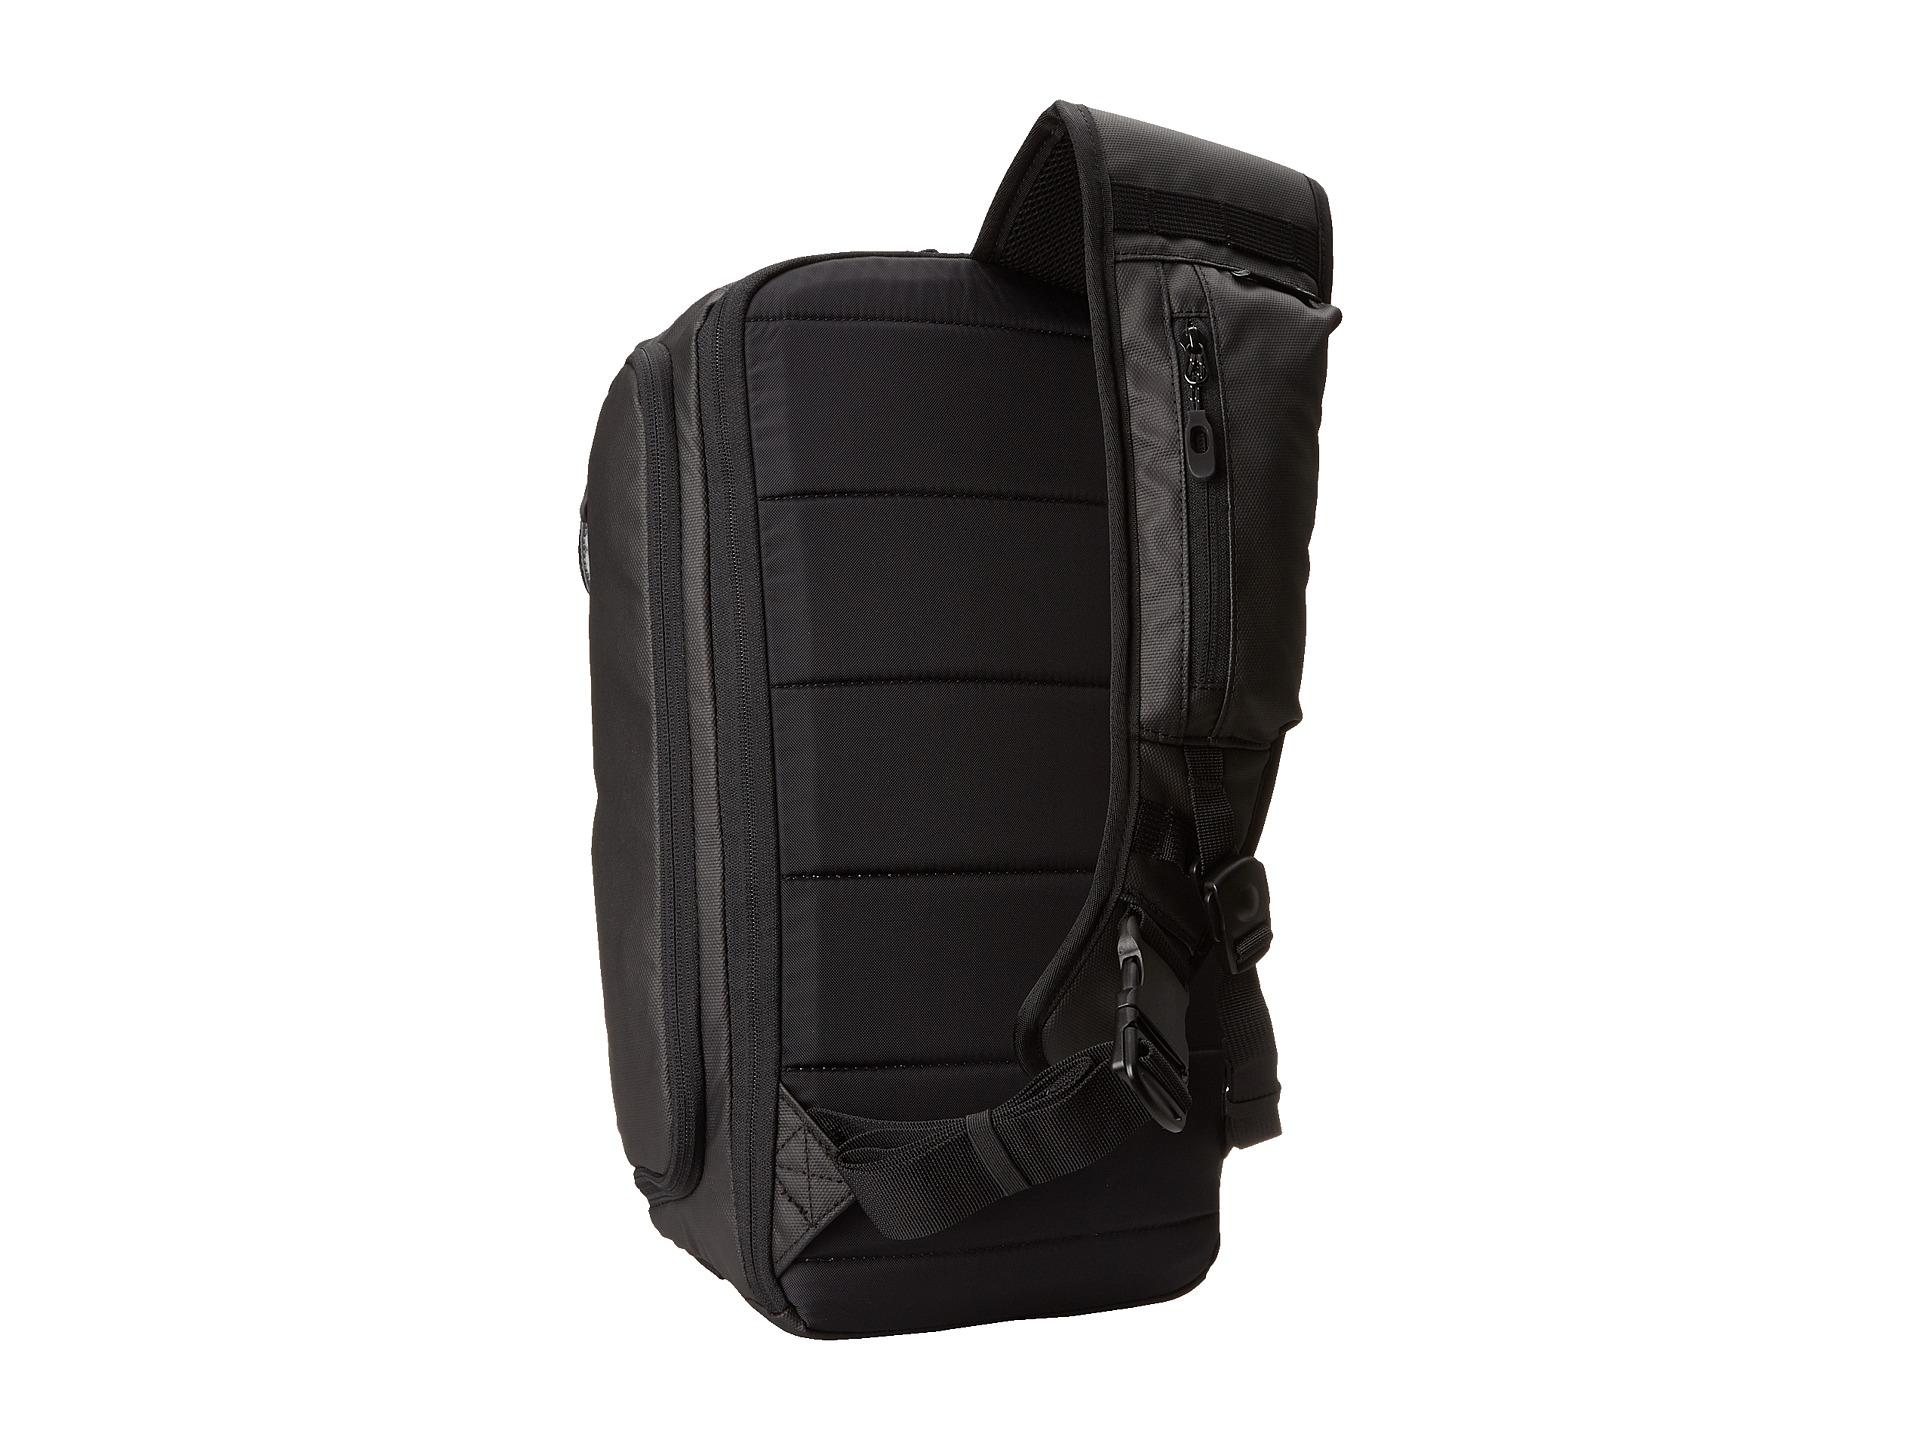 dakine hub sling pack 15l free shipping both ways. Black Bedroom Furniture Sets. Home Design Ideas